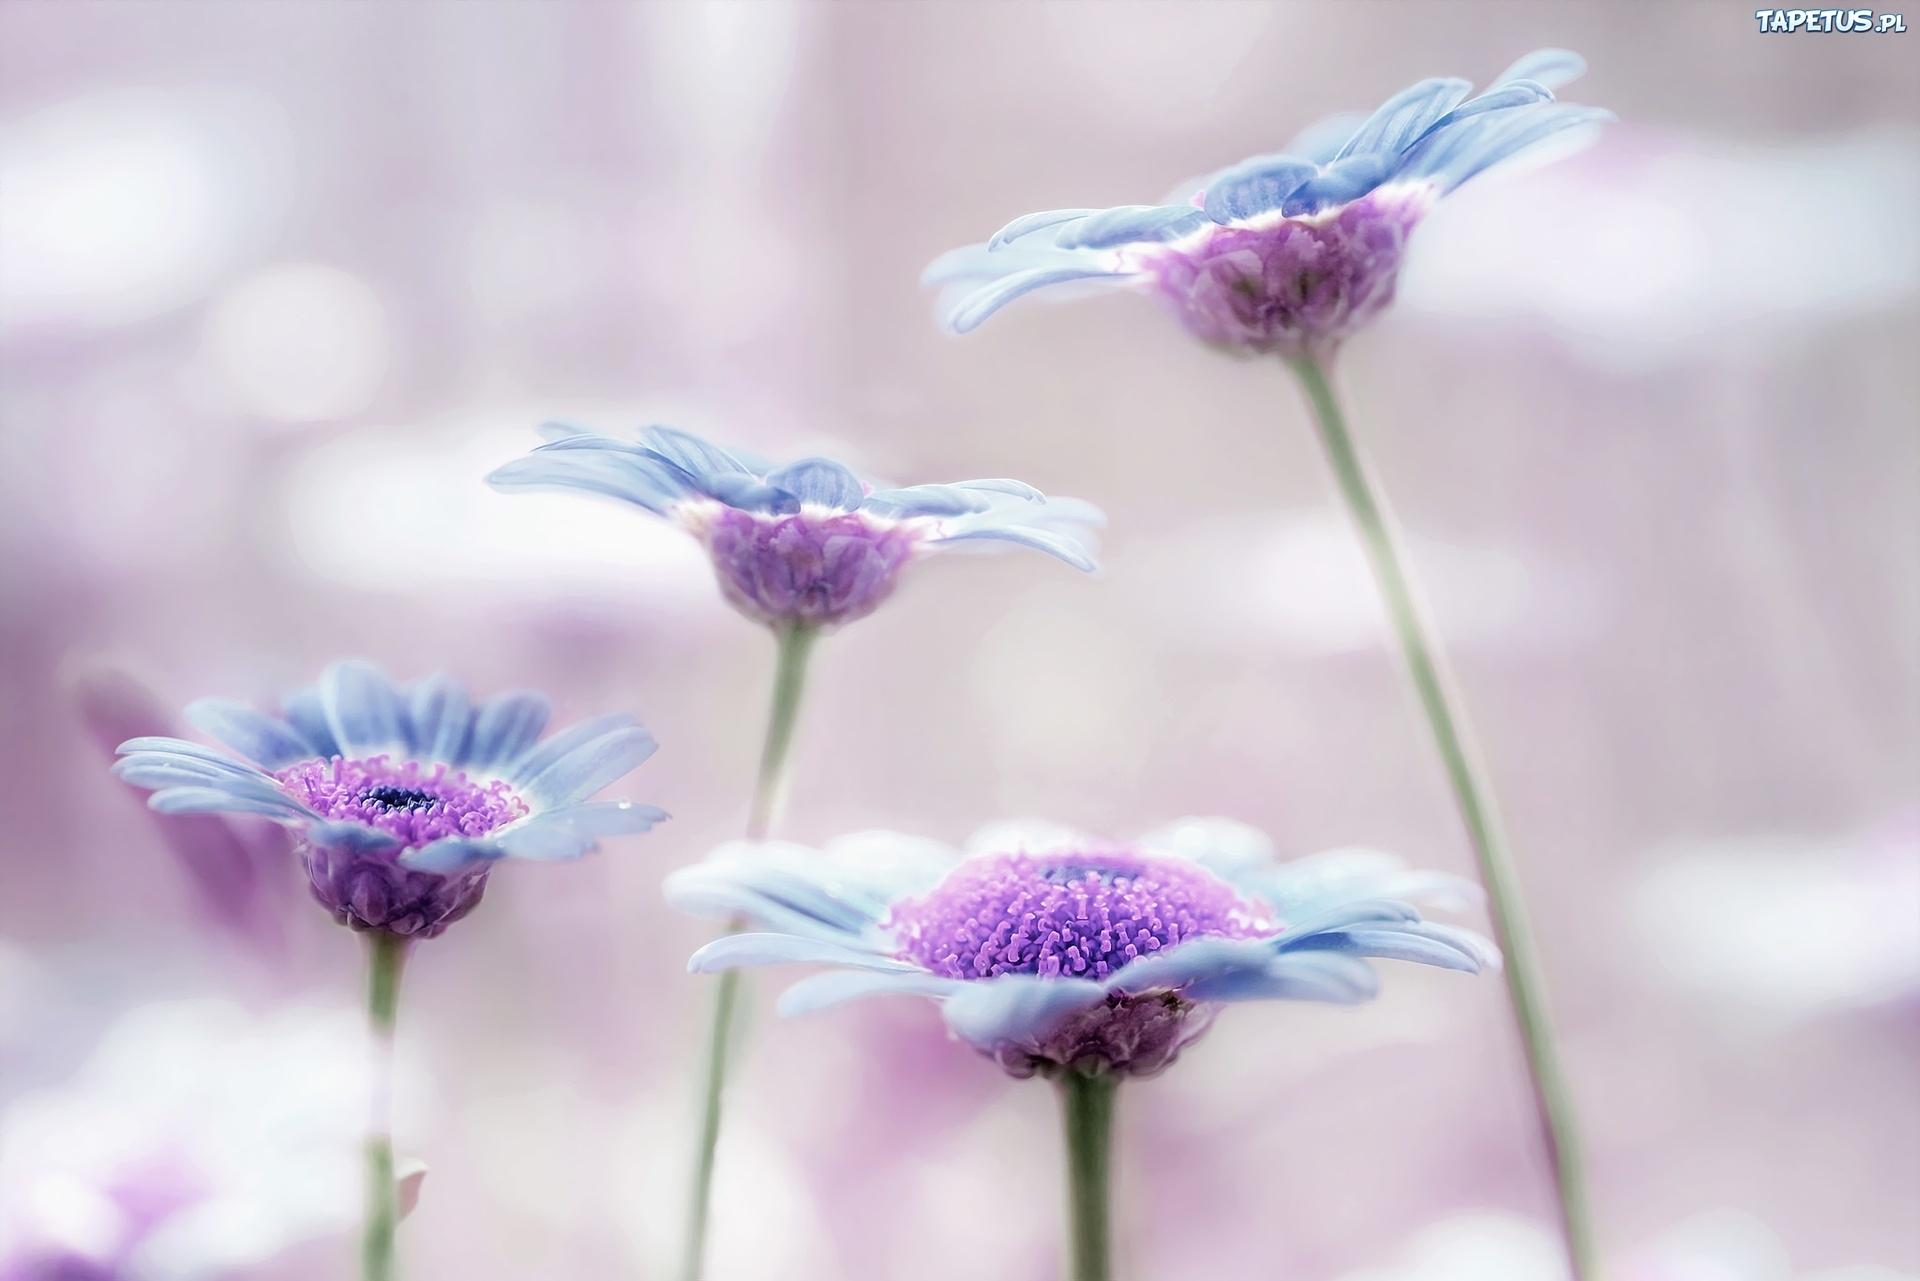 цветок фиолетовый  № 814223 бесплатно